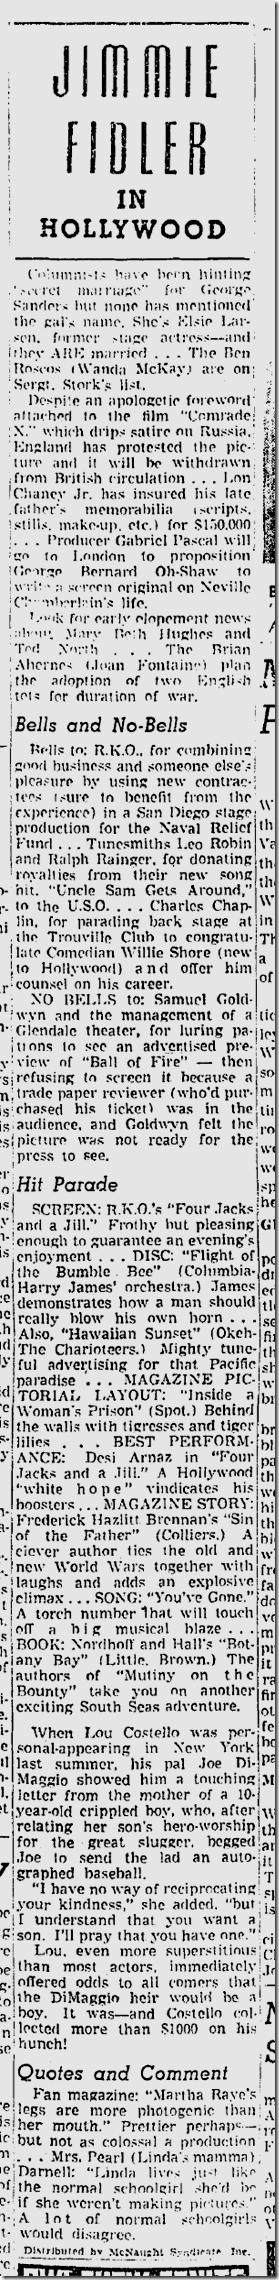 Nov. 7, 1941, Jimmie Fidler